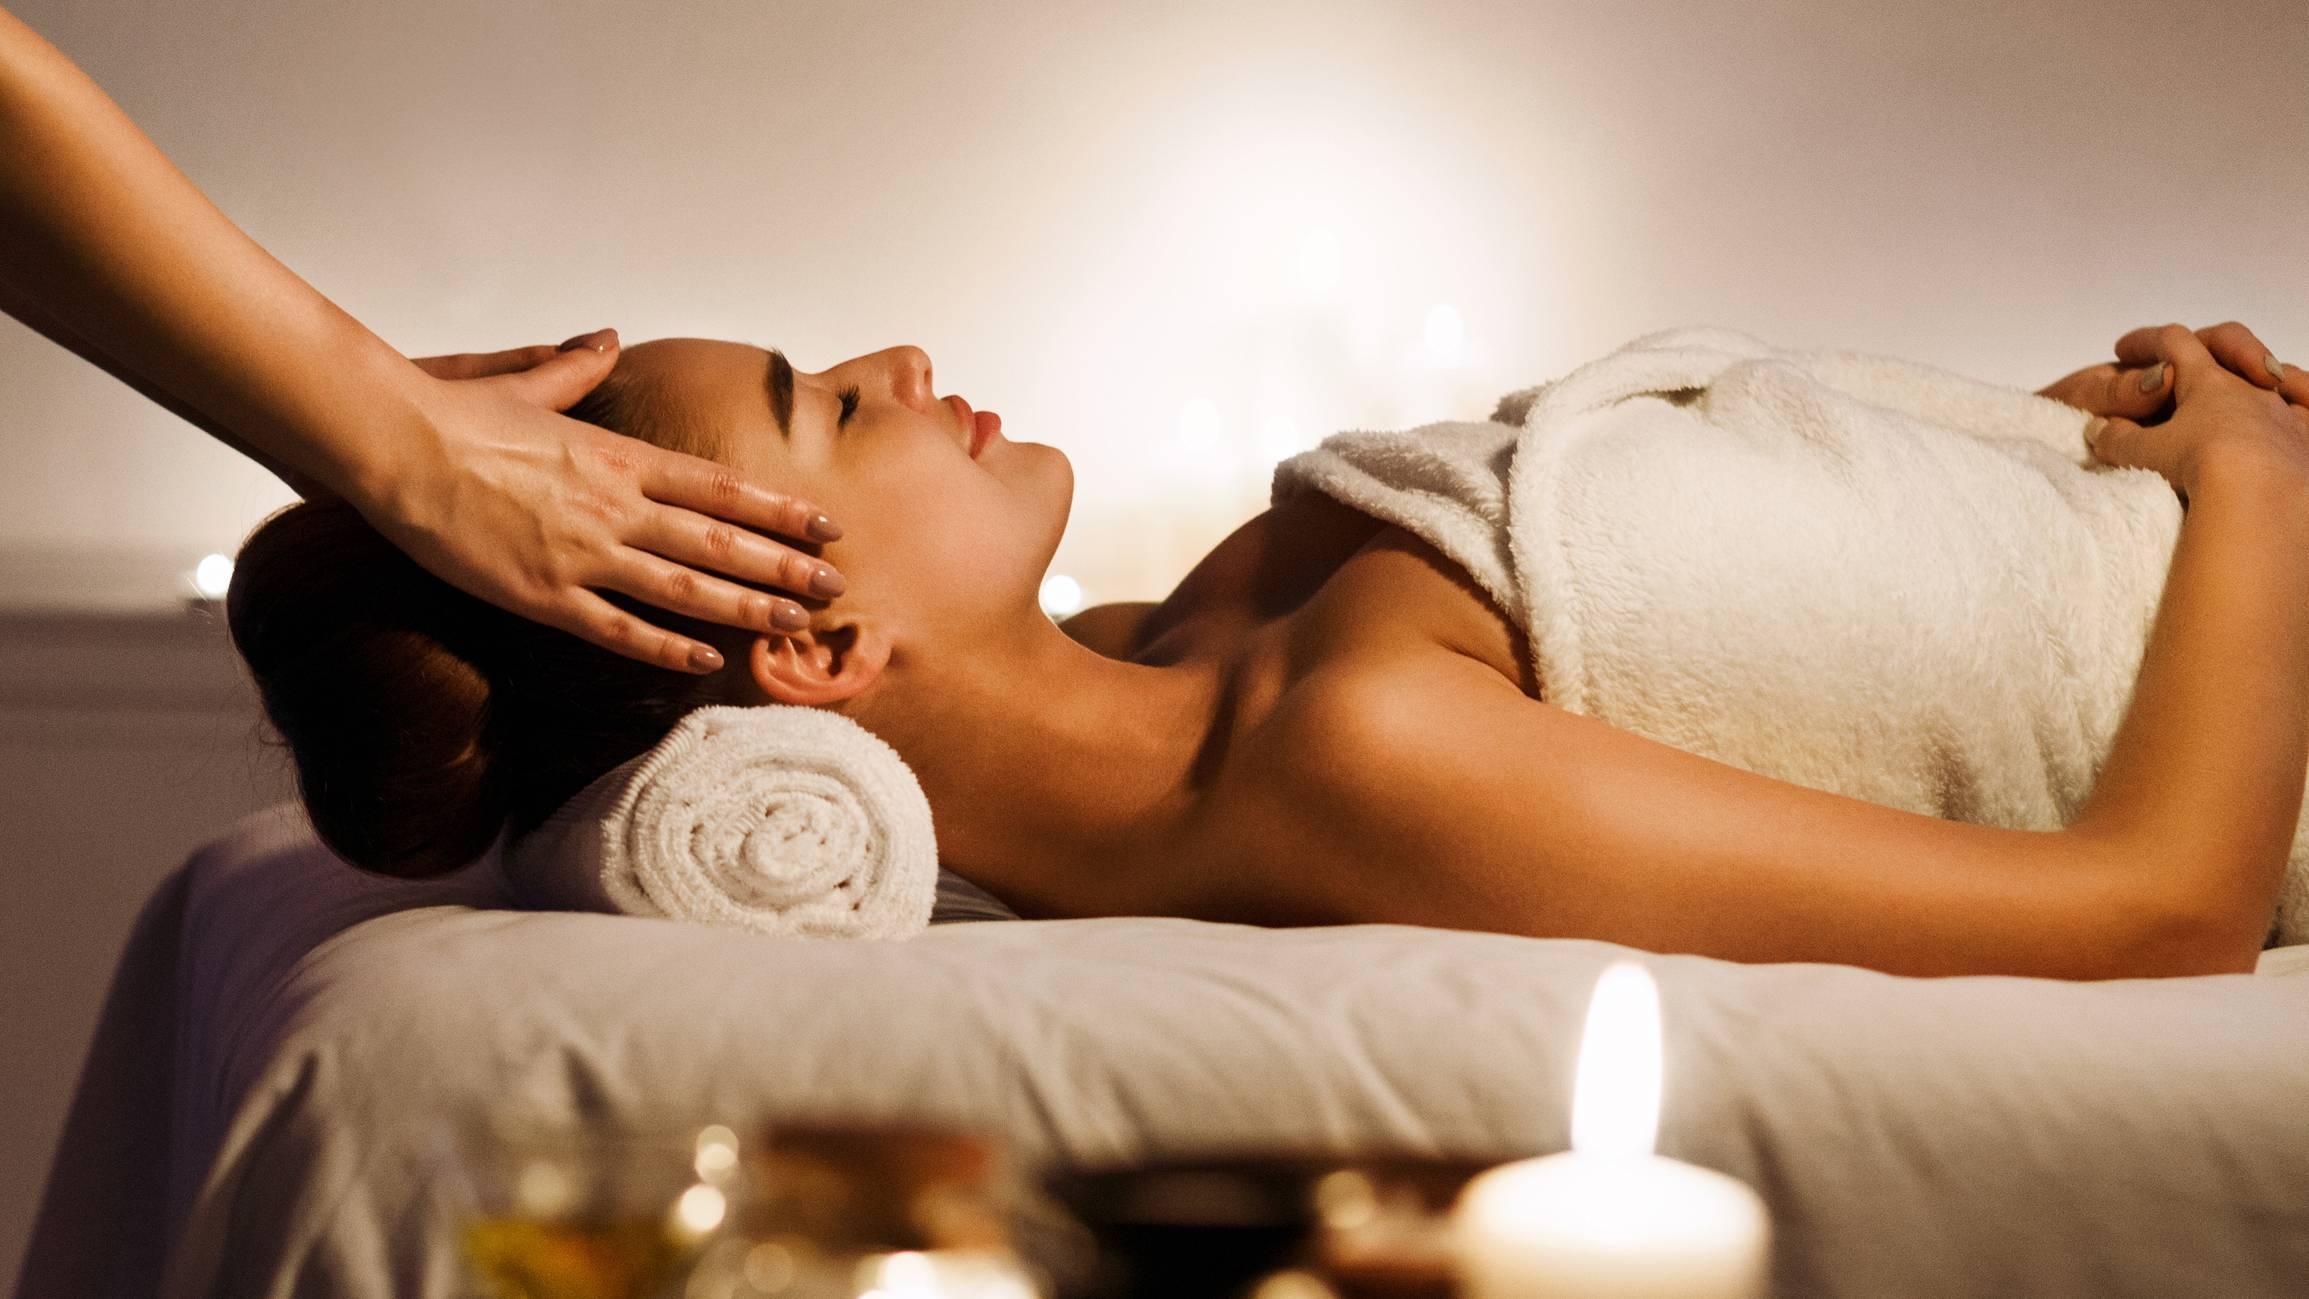 image bienfaits avantages spa ses ses - Le spa, ses bienfaits, ses avantages - Bien-Être